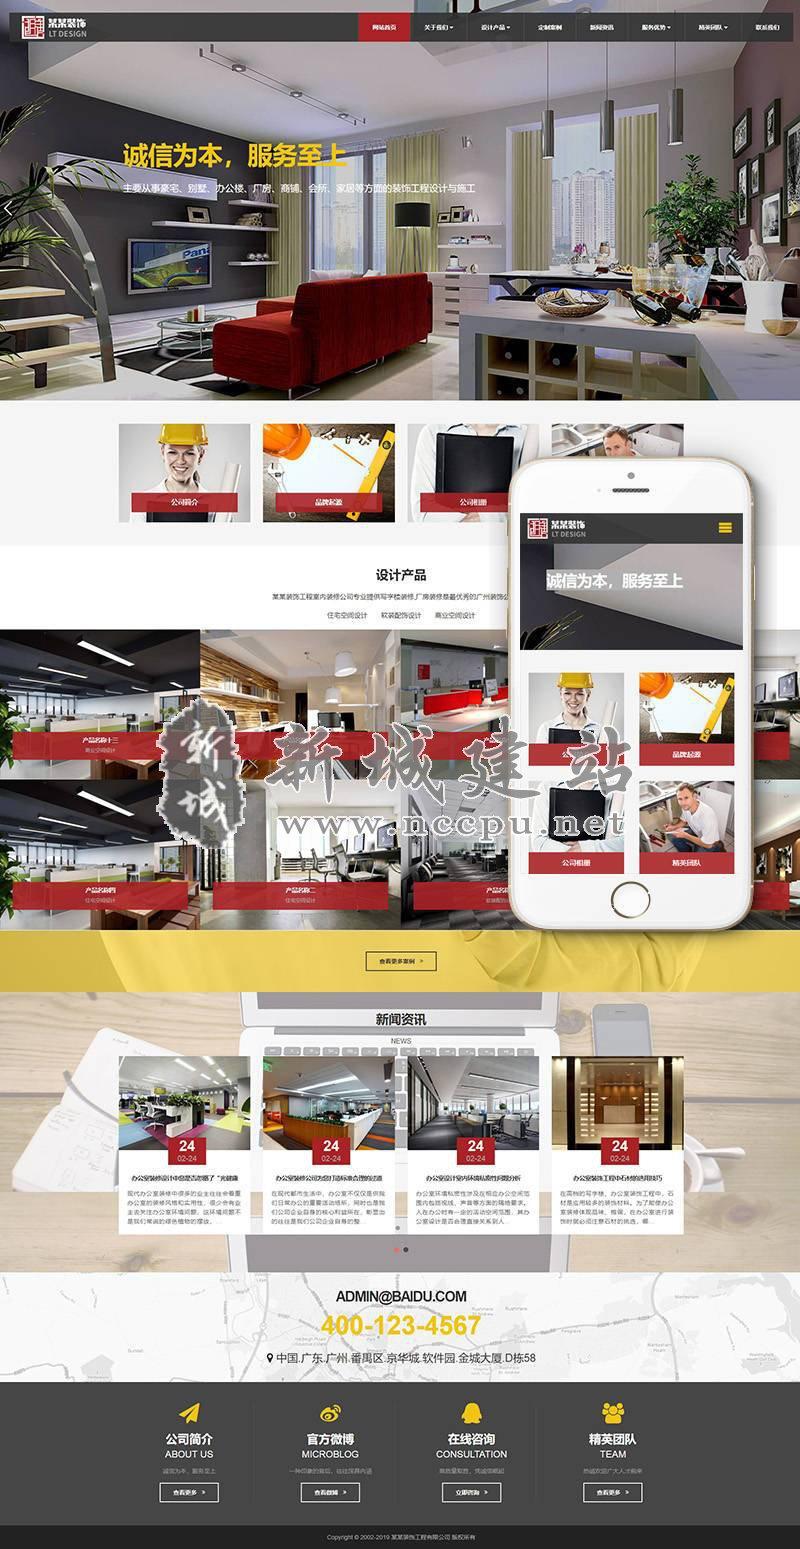 响应式企业装饰工程类公司网站首页